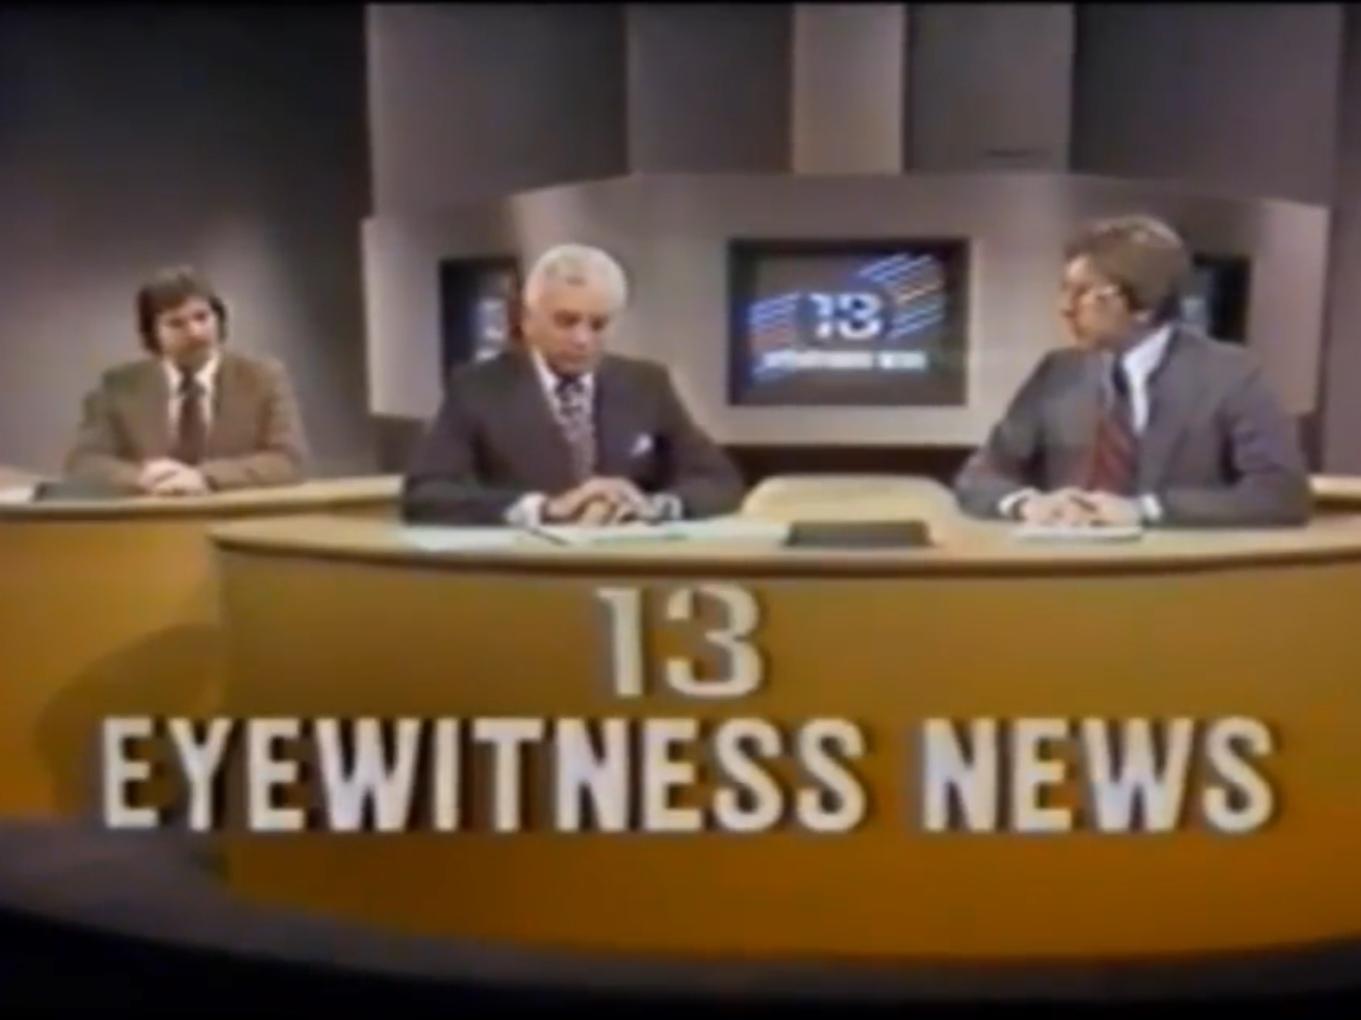 WJZ-TV/News